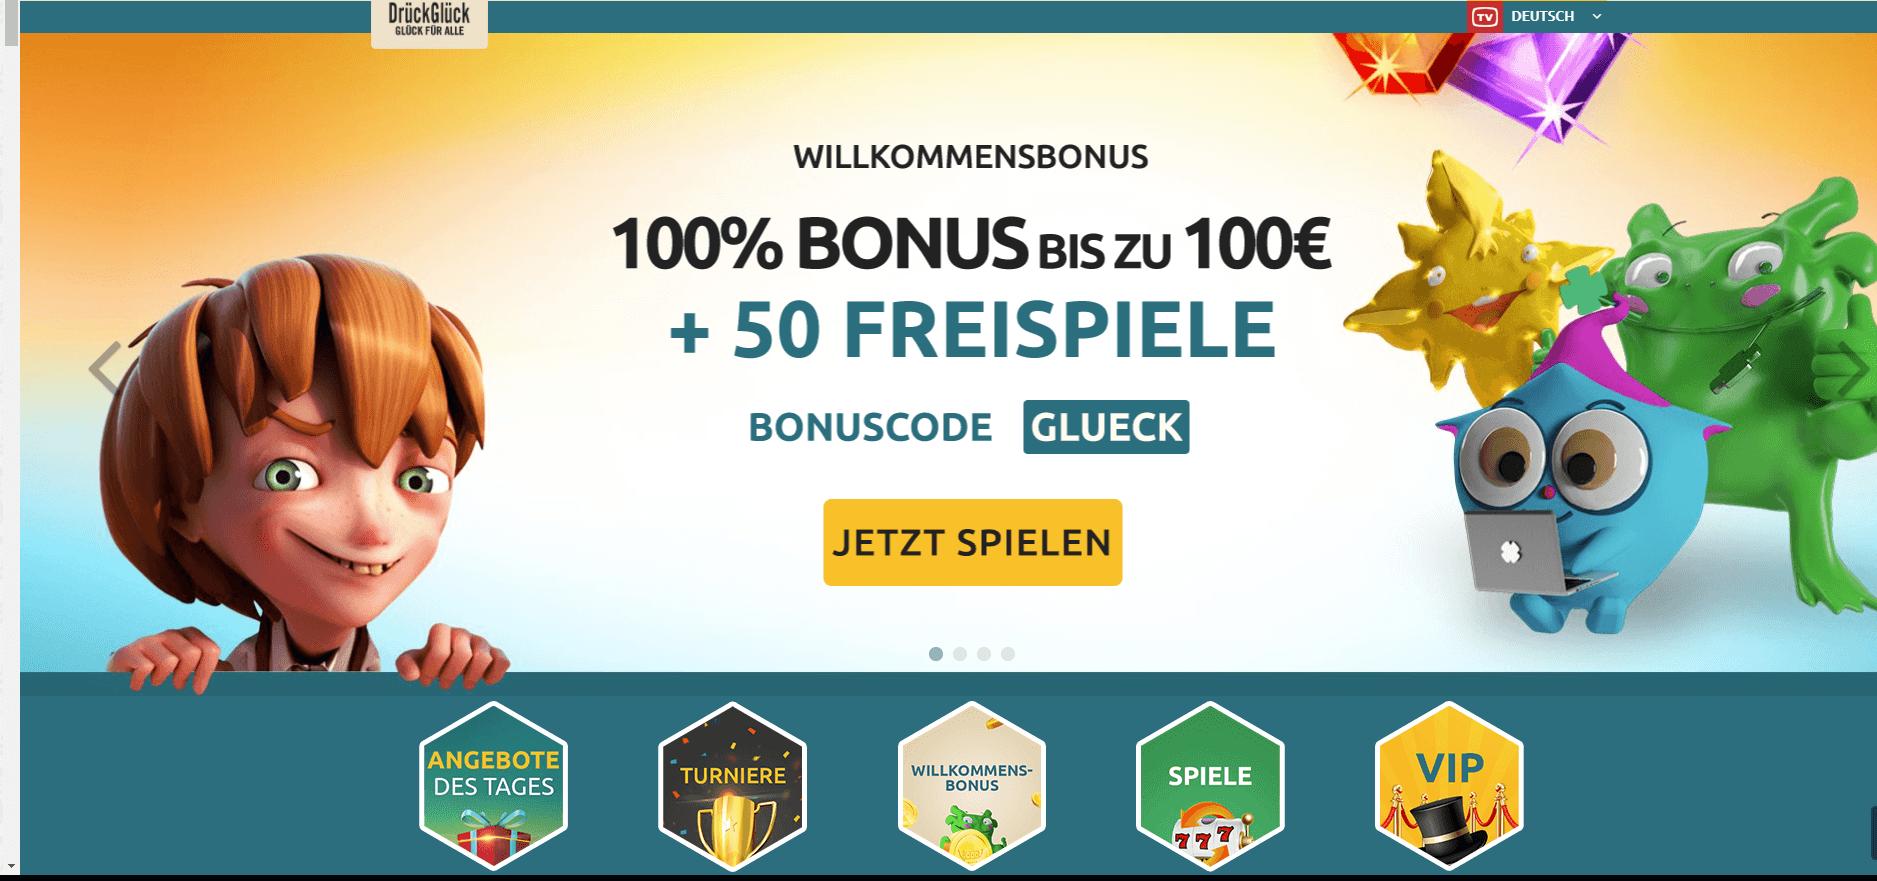 DrückGlück 100% Bonus